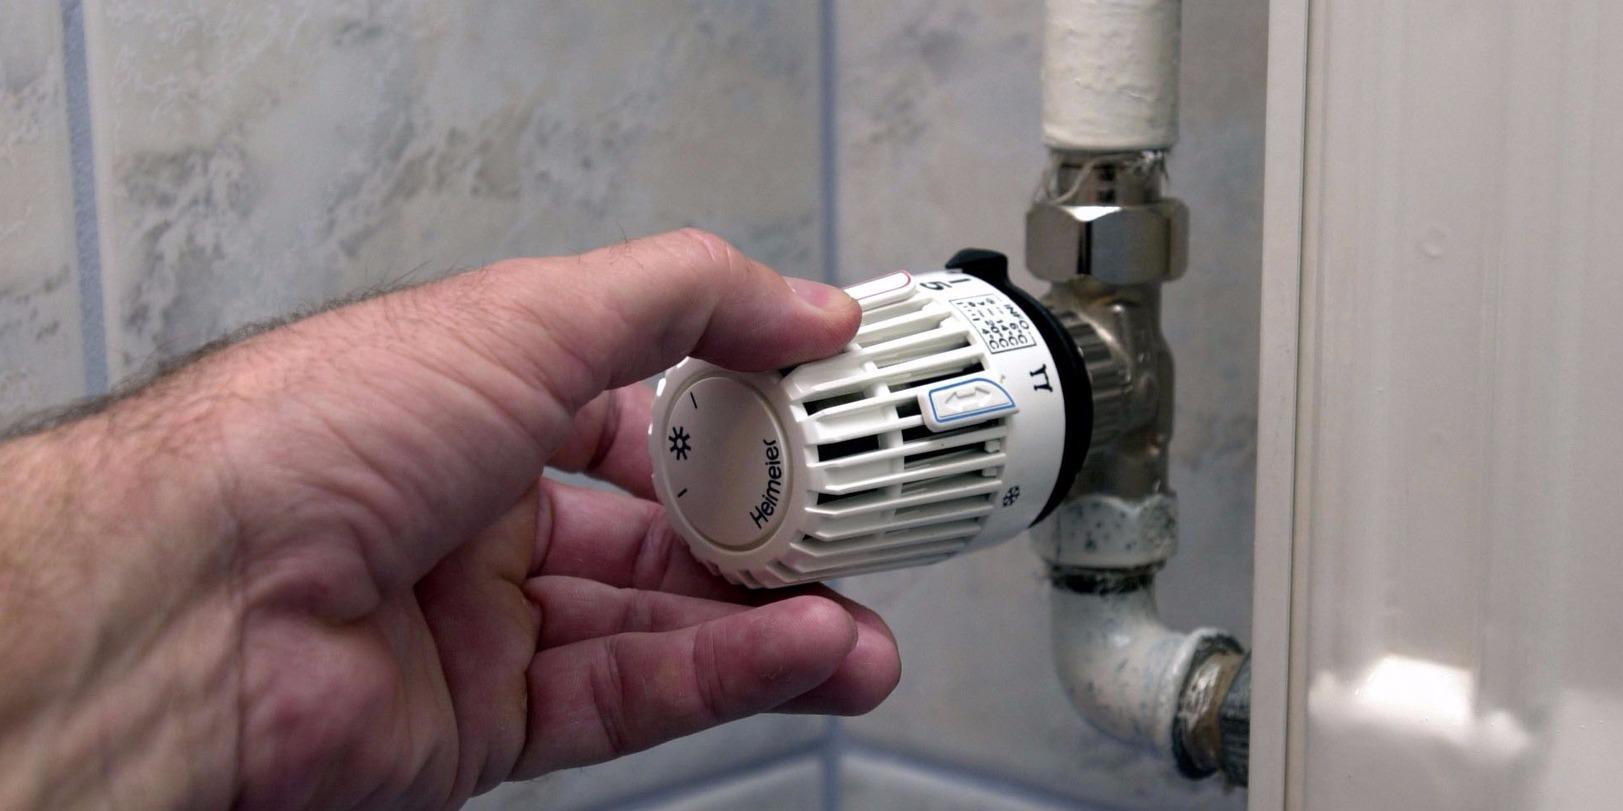 Pécs, 2002. november 28.Lakásonként önállóan szabályozható és hőmennyiség-méréssel rendelkező fűtési rendszert adtak át Pécsett a százkét lakást magába foglaló tizenhét emeletes lakóépületben. A hatvan millió forintos korszerűsítés során felújították a ház hőközpontját és az összes radiátort termosztatikus szeleppel látták el. A képen: az új termosztatikus szeleppel ellátott radiátor.MTI Fotó: Kálmándy Ferenc